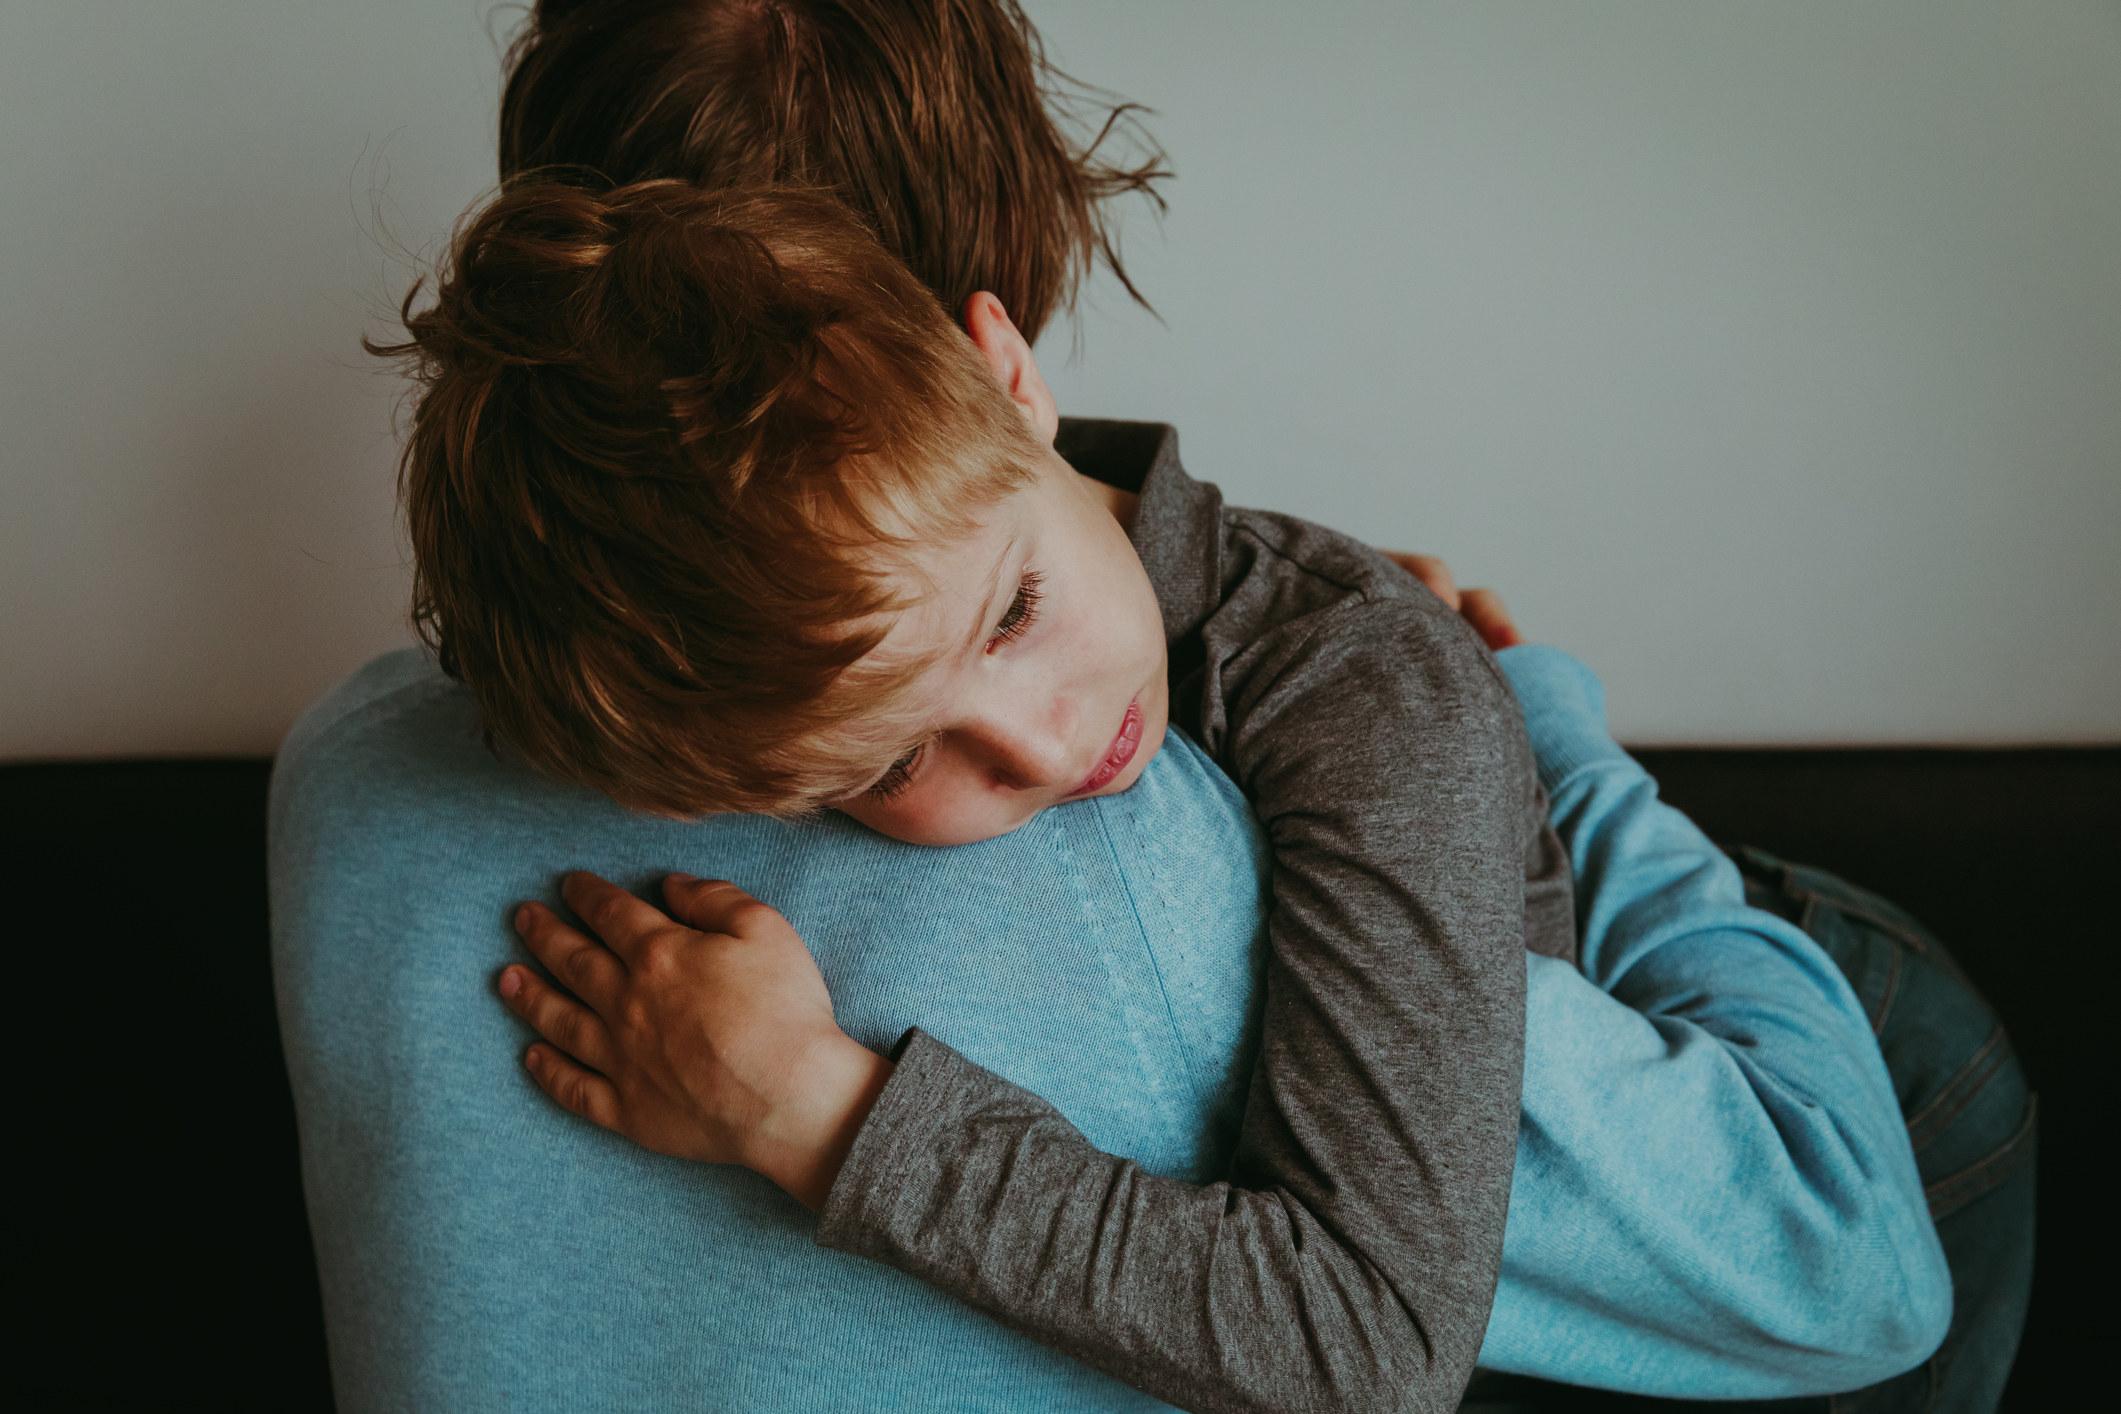 A parent comforting a sad child